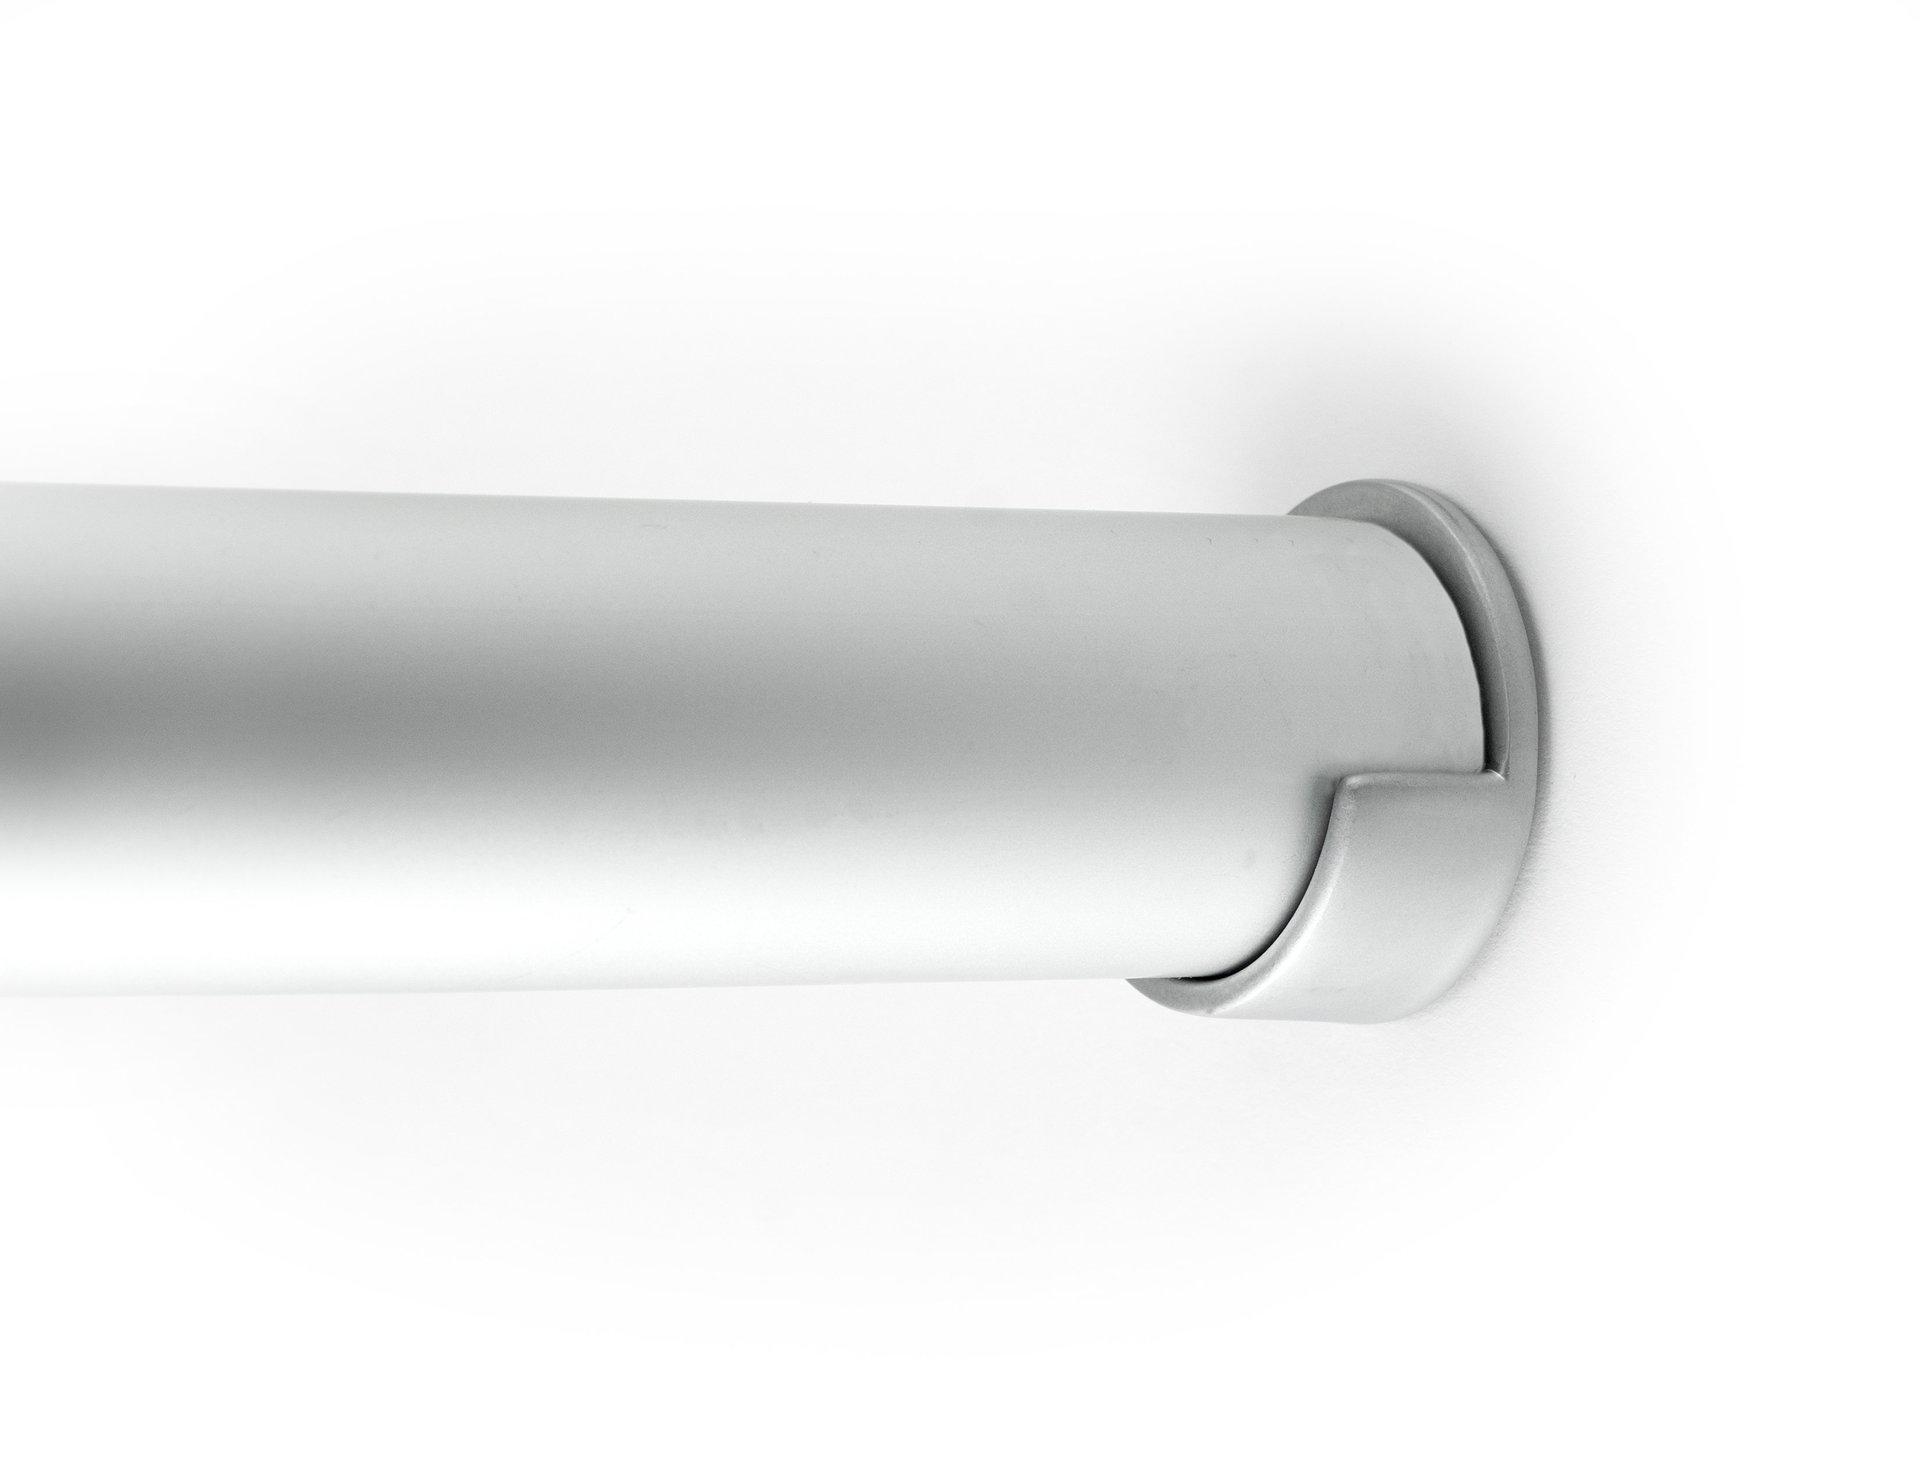 Brushed Chrome Closet Pole